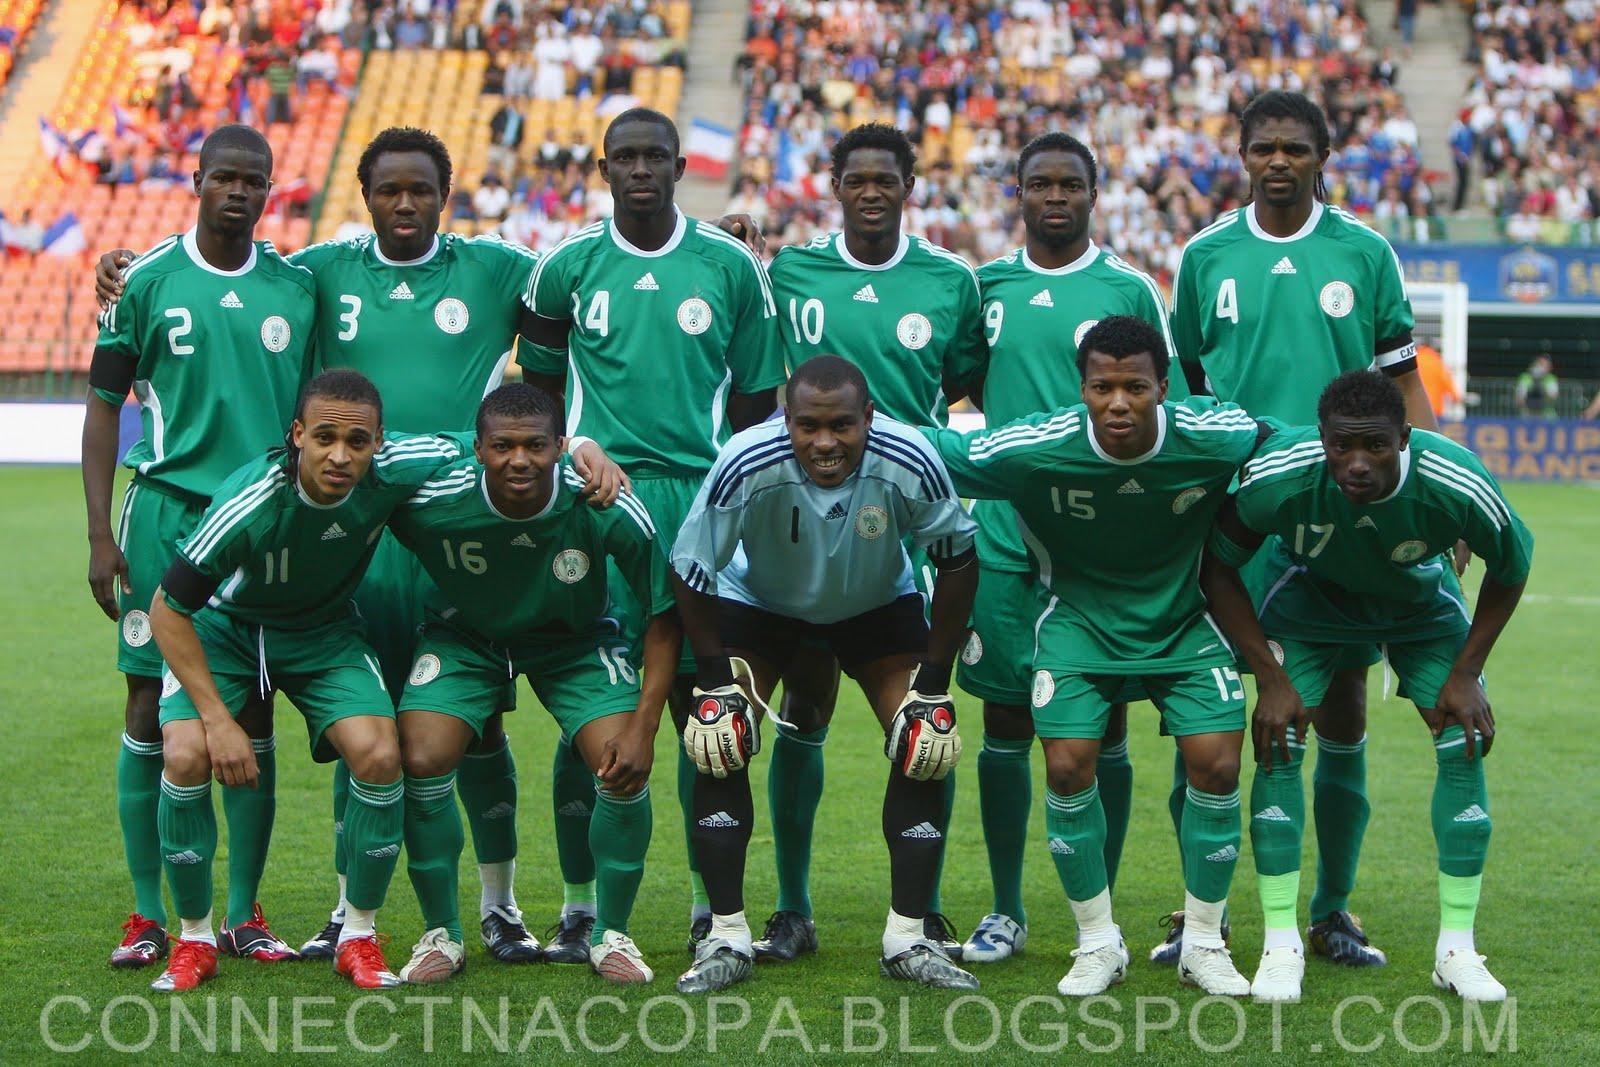 ba261c05e32fd Connect na Copa  SELEÇÃO DA NIGÉRIA ESTÁ SUSPENSA POR 2 ANOS